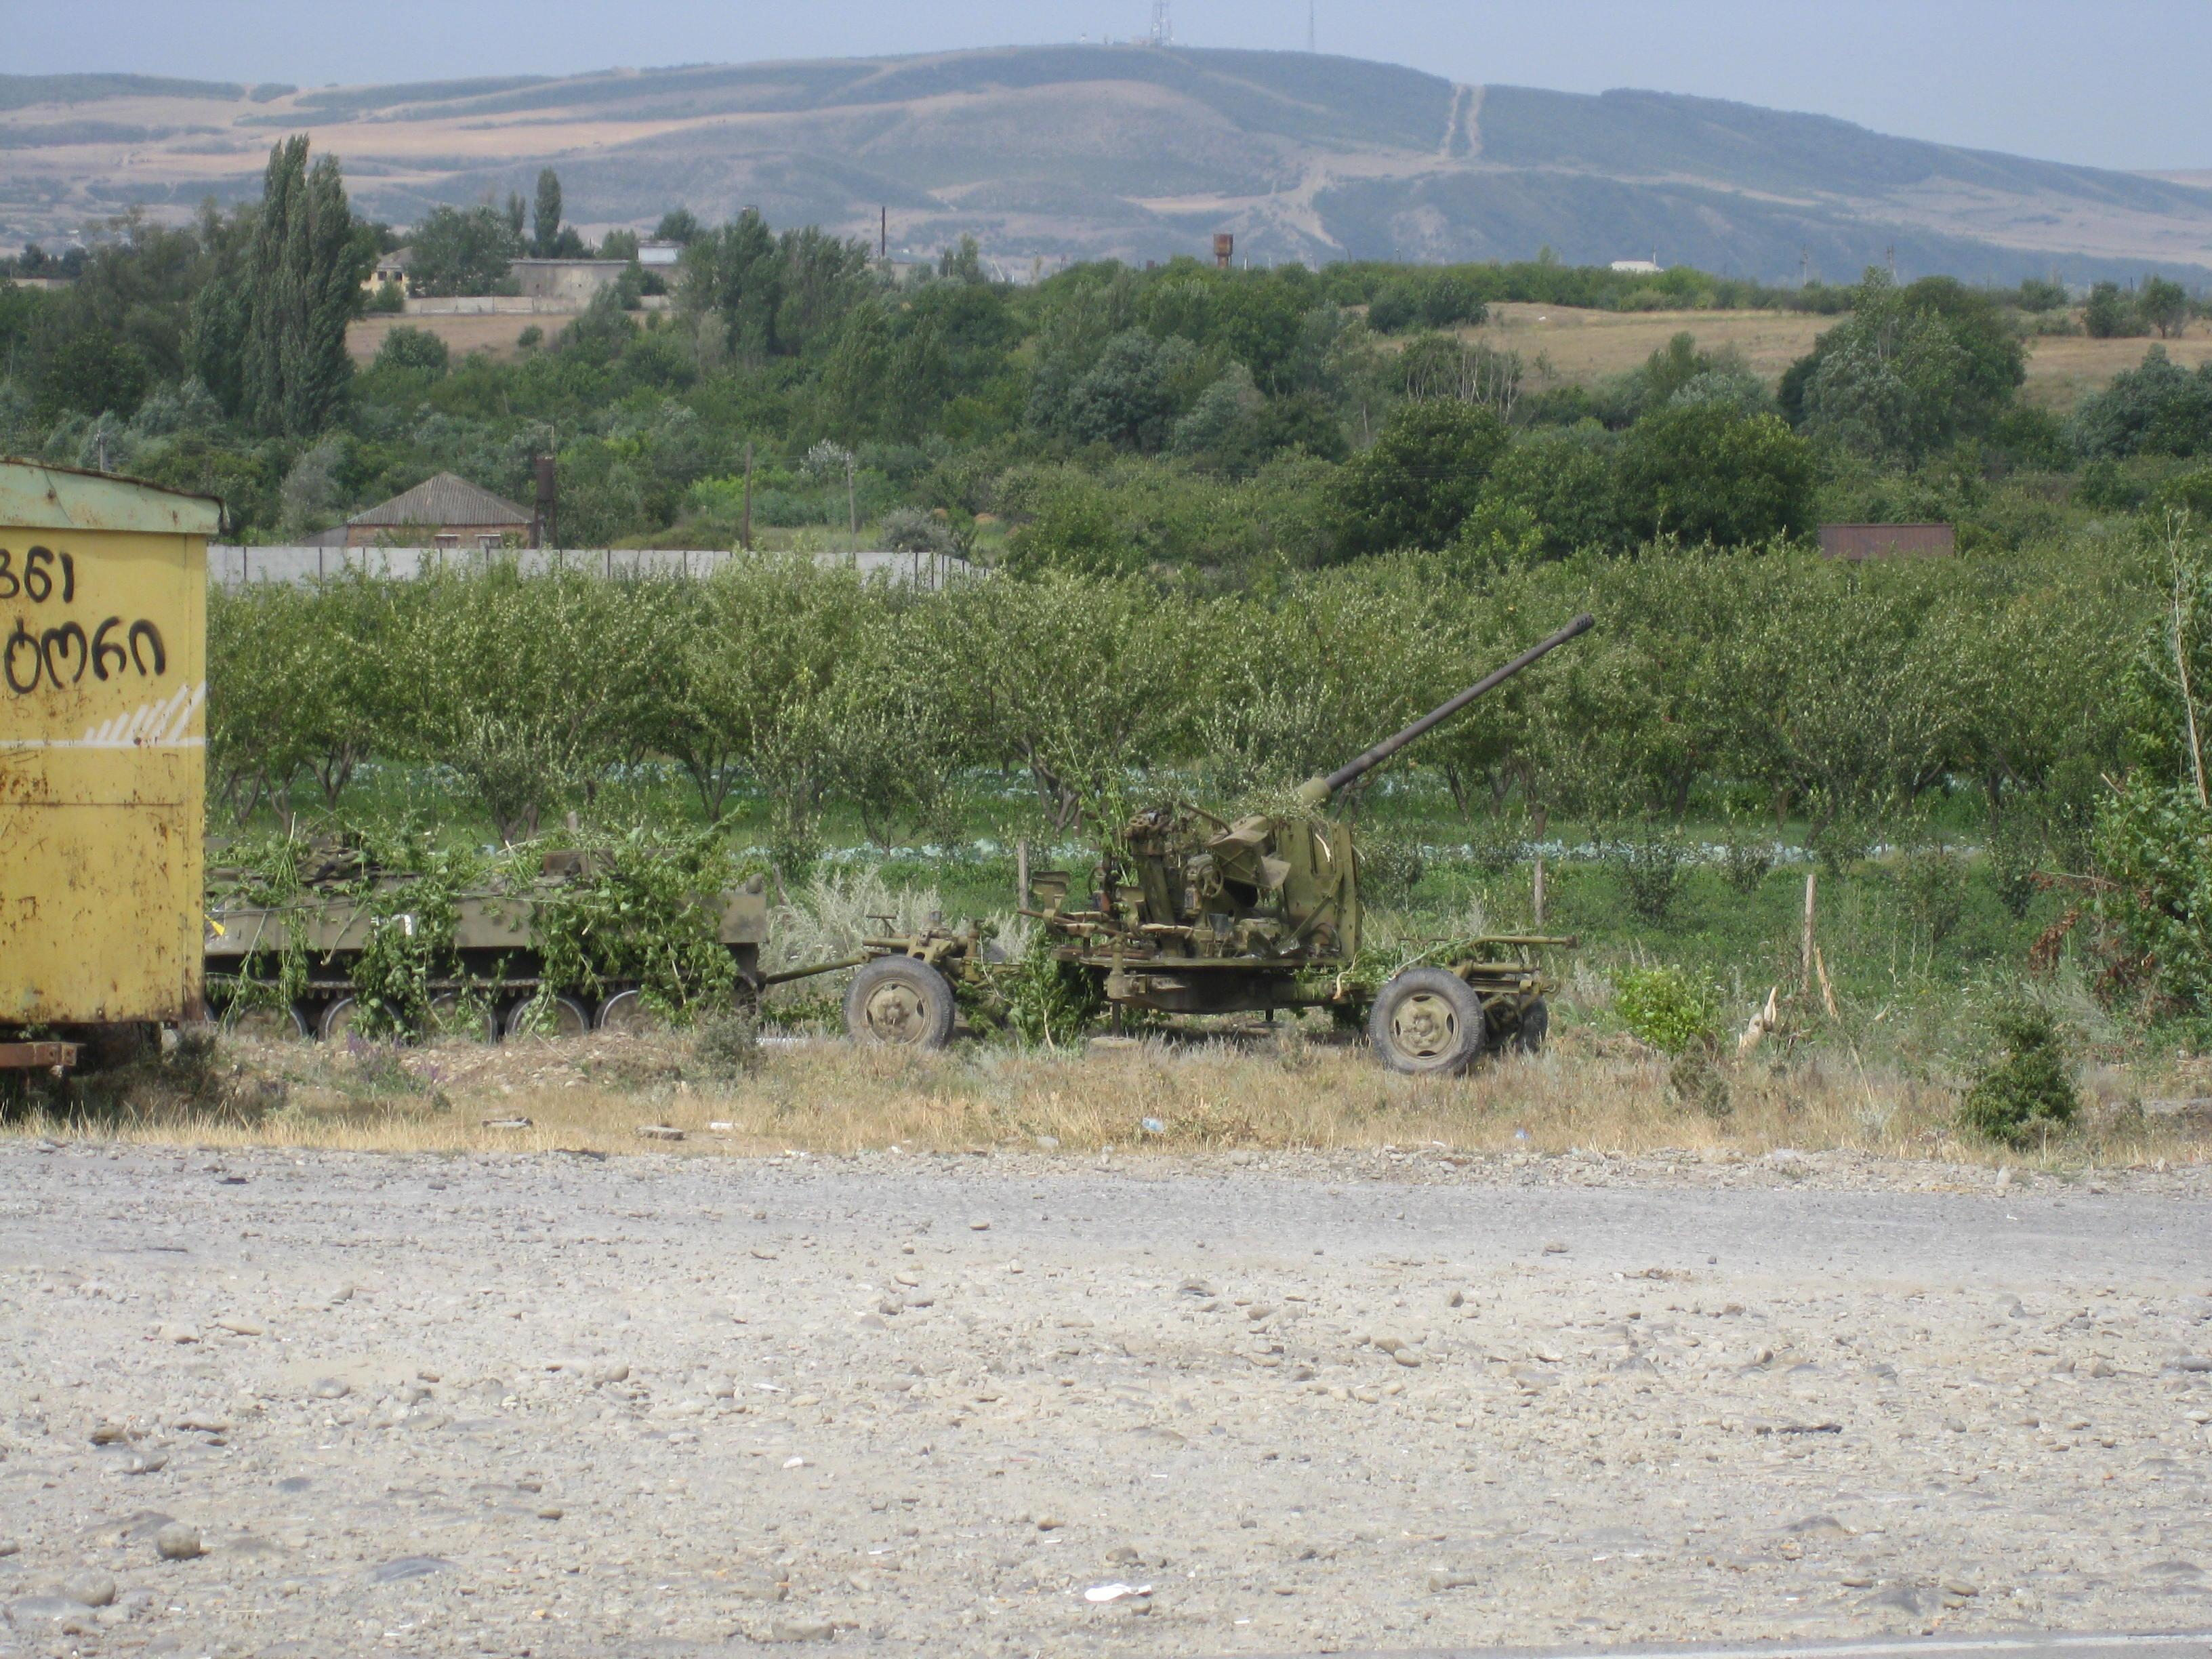 2008 South Ossetia War: Photos and Videos 5e3e5a67c939